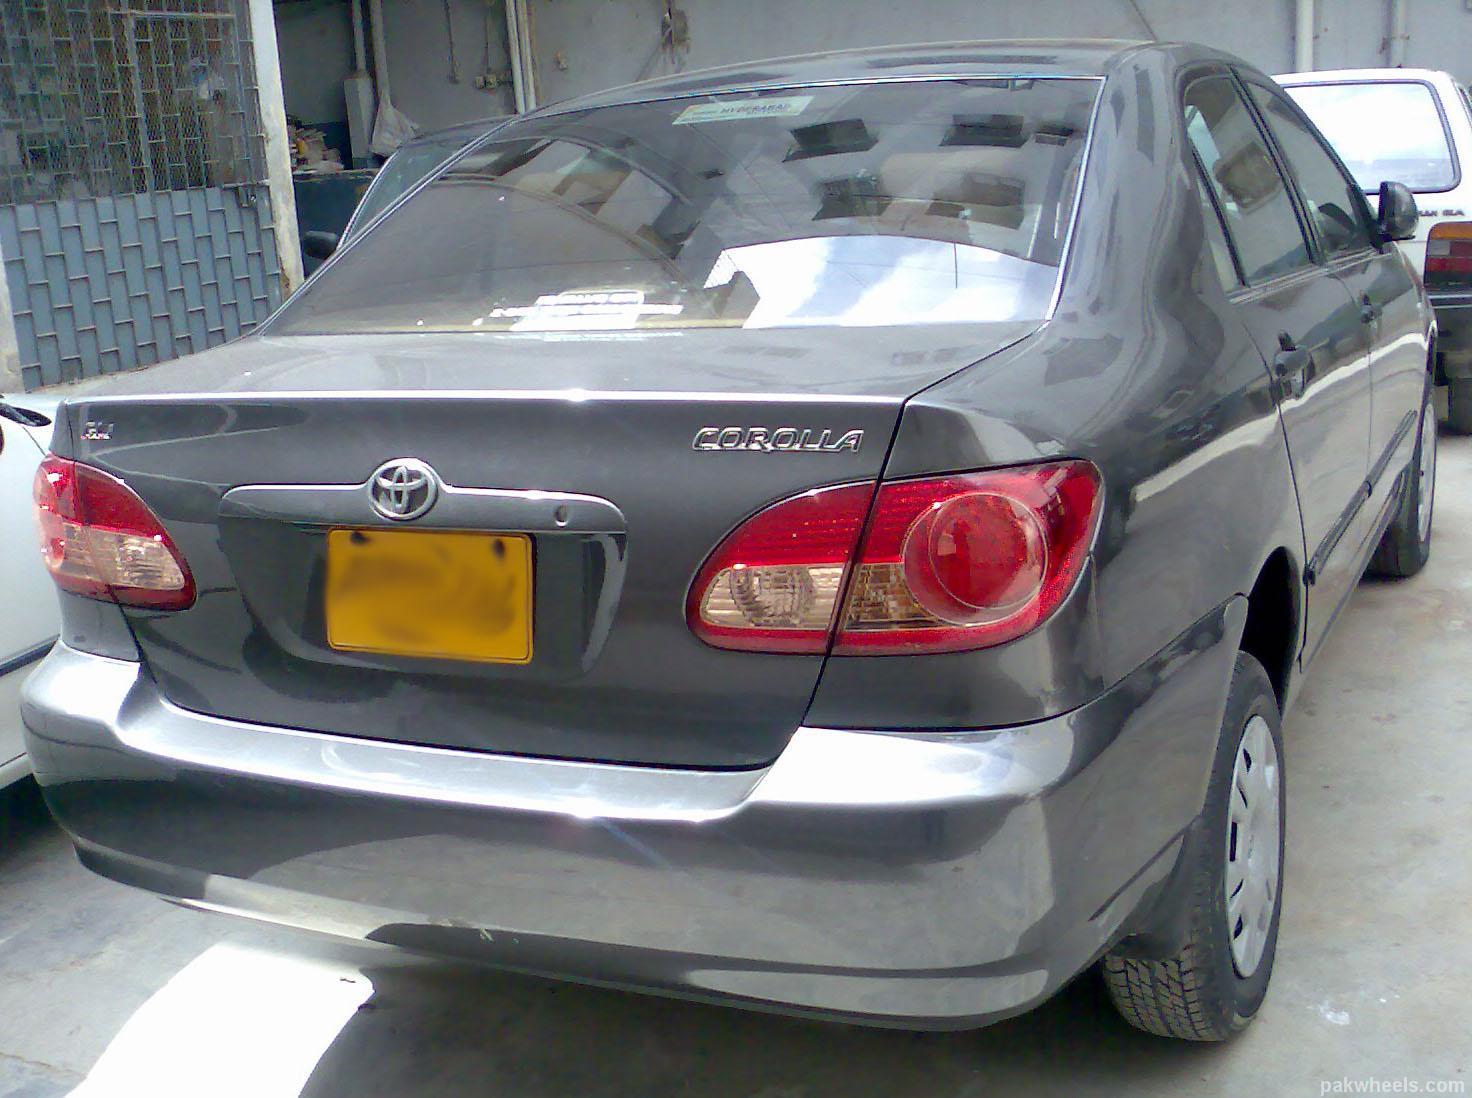 toyota corolla gli 2007 for sale - cars